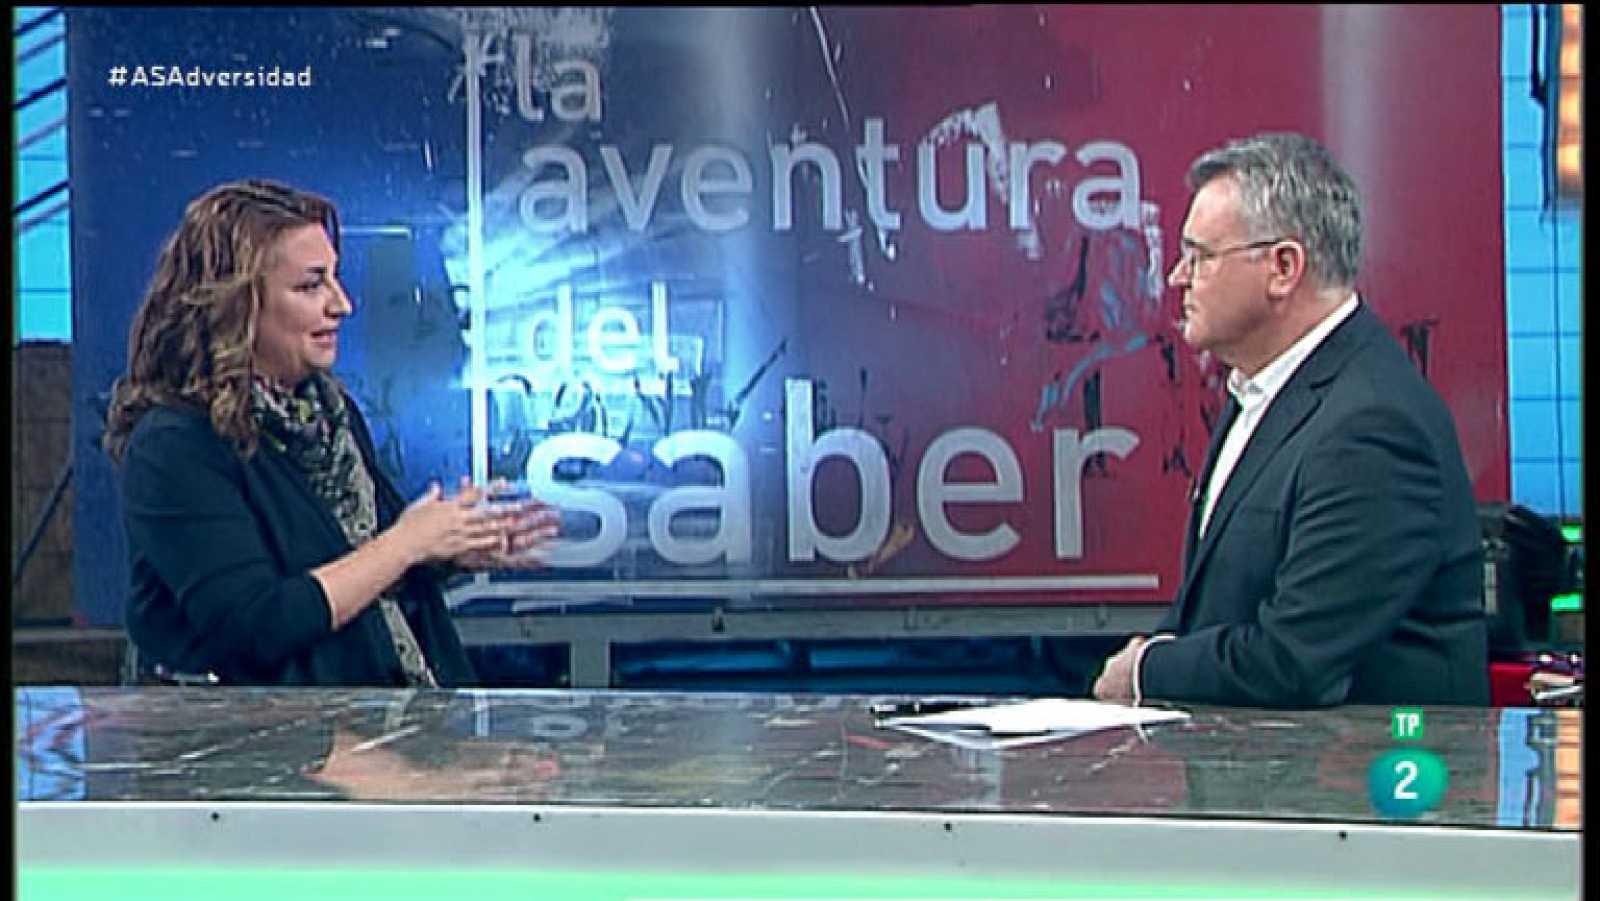 La Aventura del Saber. TVE. Laura Rojas-Marcos. Cómo enfrentarnos a la adversidad.